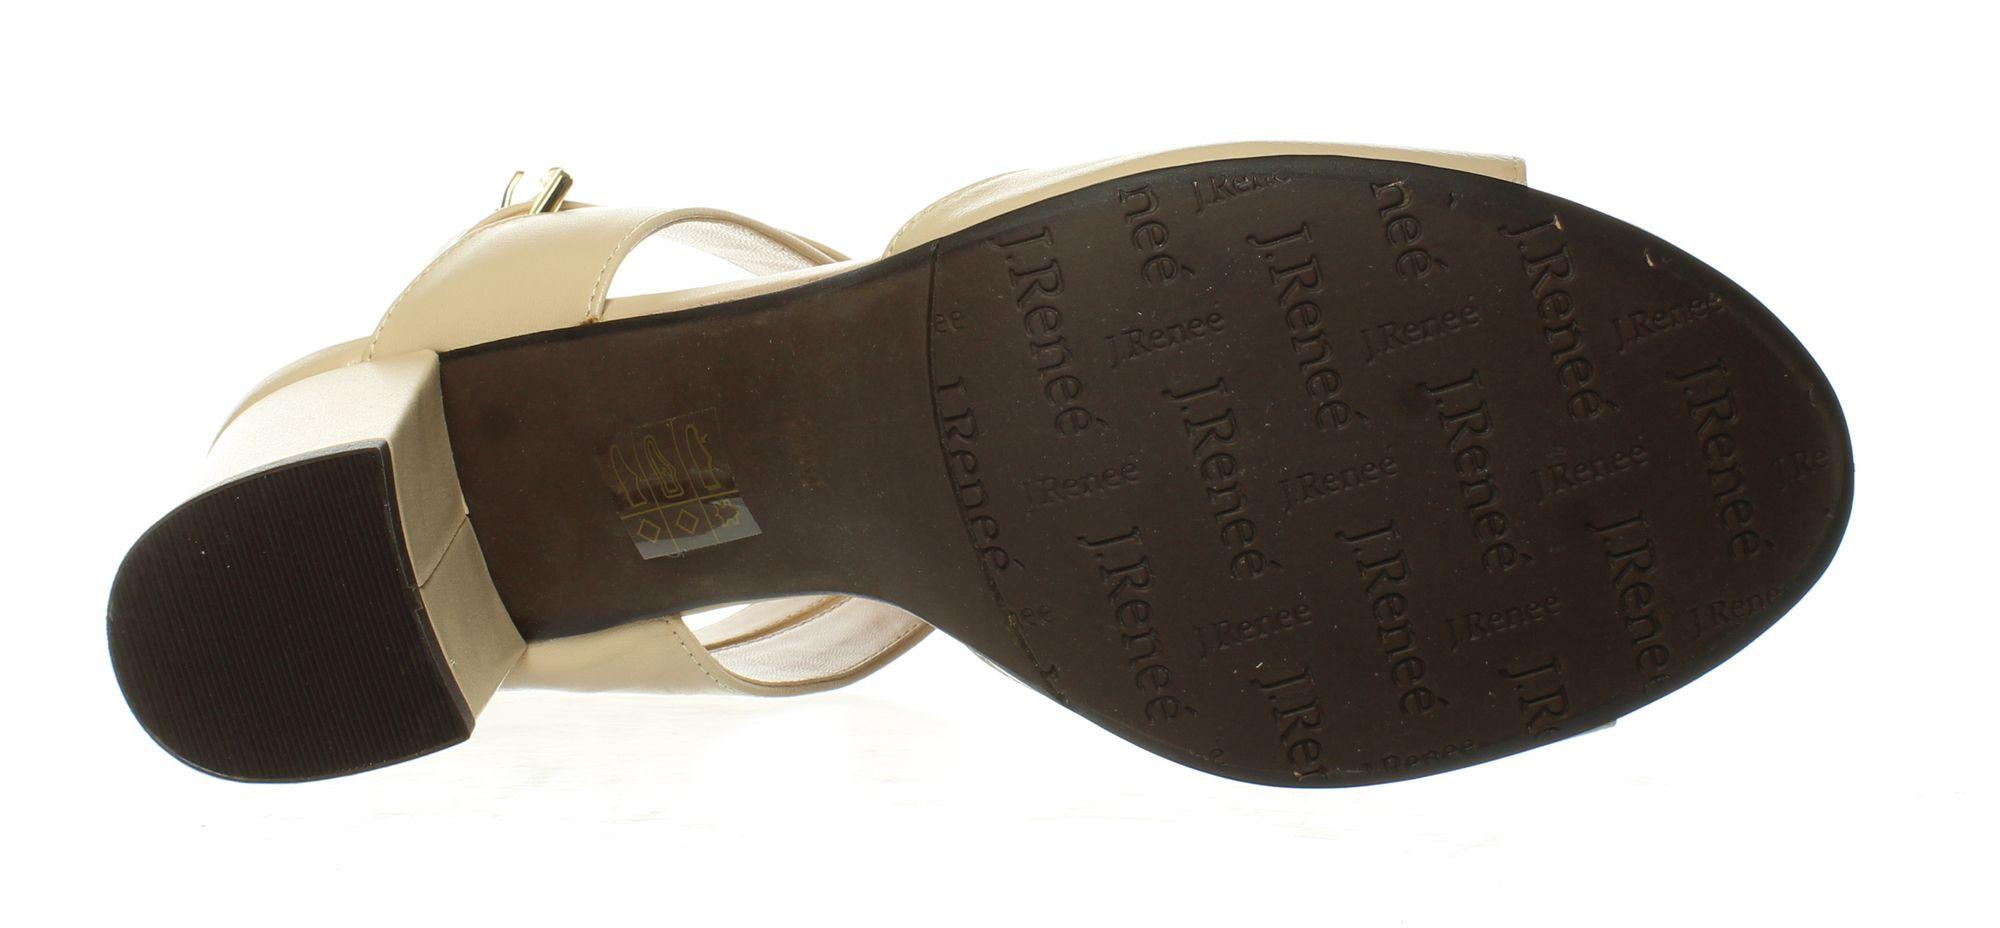 J. Renee Womens Drizella Nude Sandals Size 9 (836361) | eBay